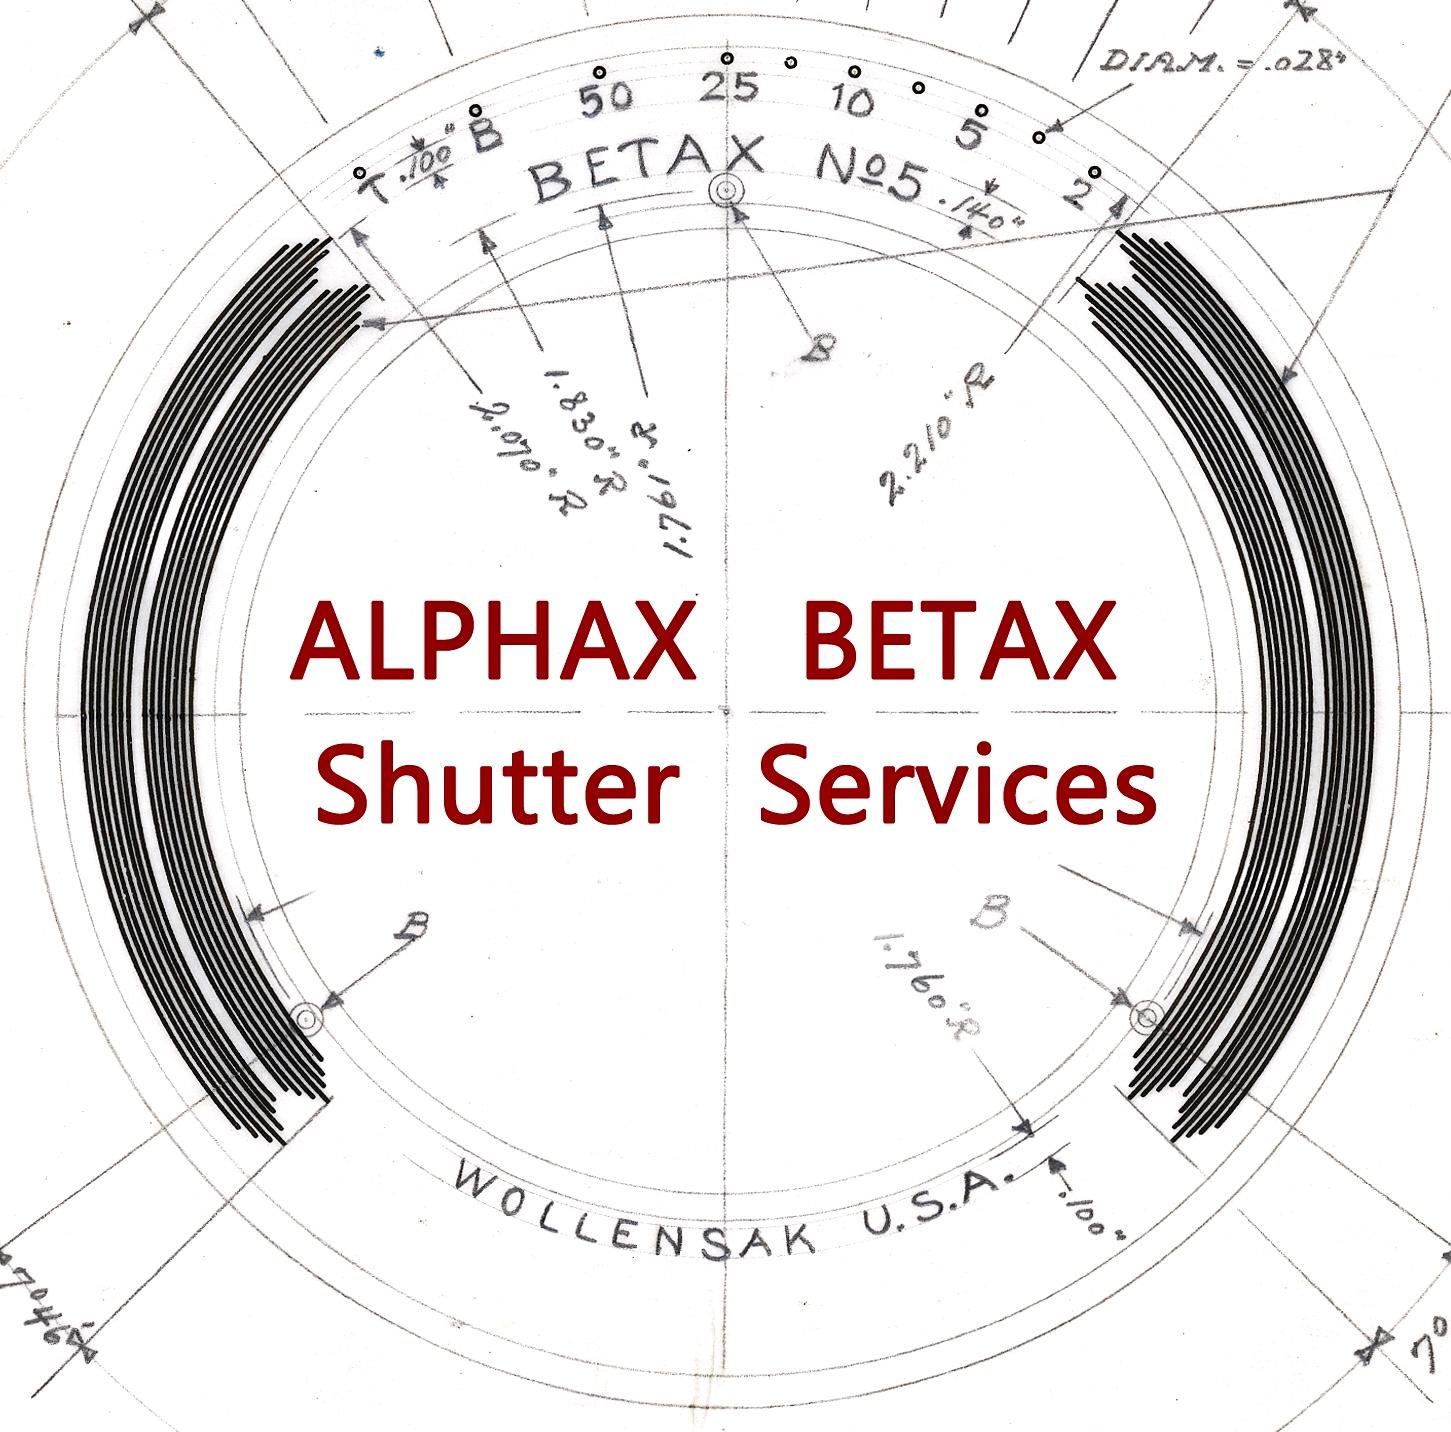 Alphax Betax Shutter Services